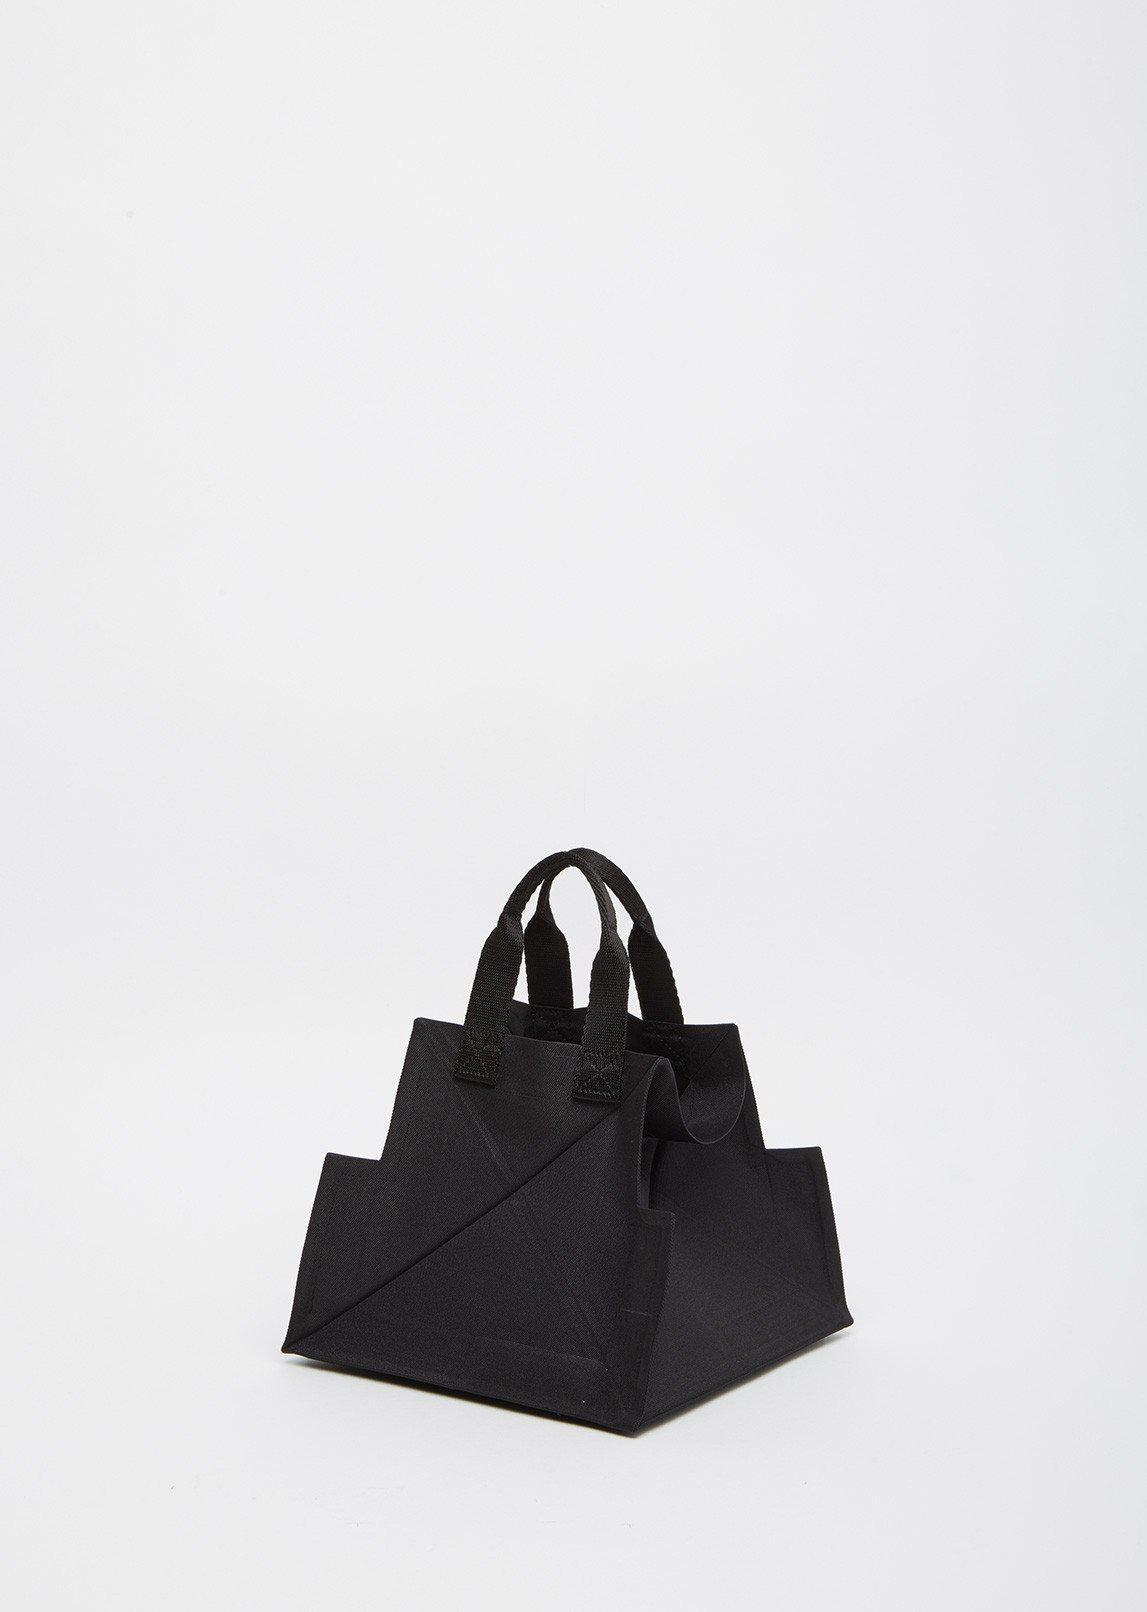 9111856ee3a9 Lyst - 132 5. Issey Miyake Standard Bag 13 in Black